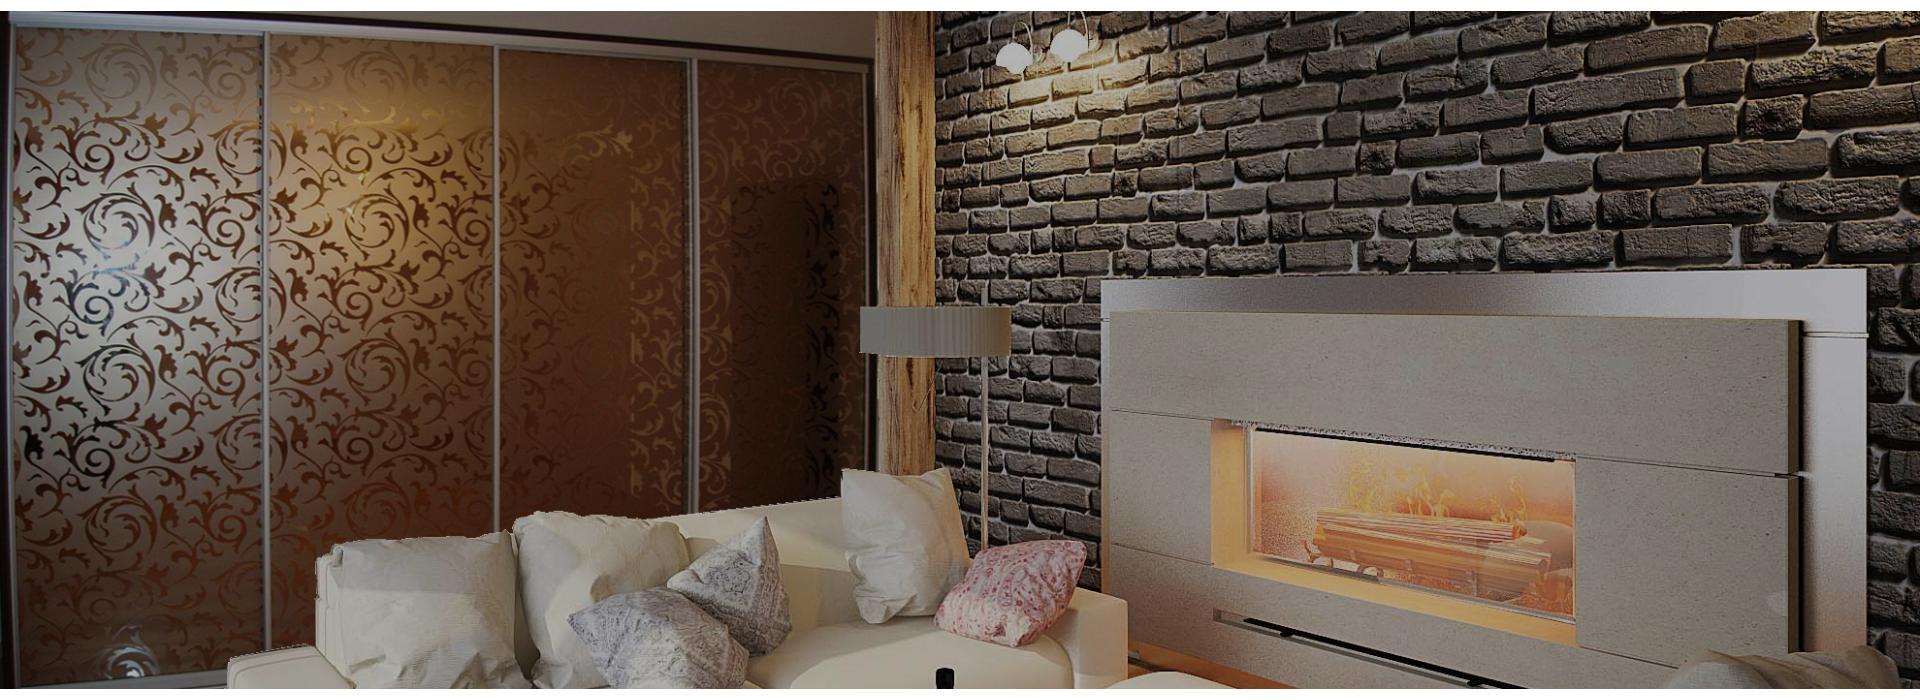 Польза, прочность, красота для дома, дачи и квартиры